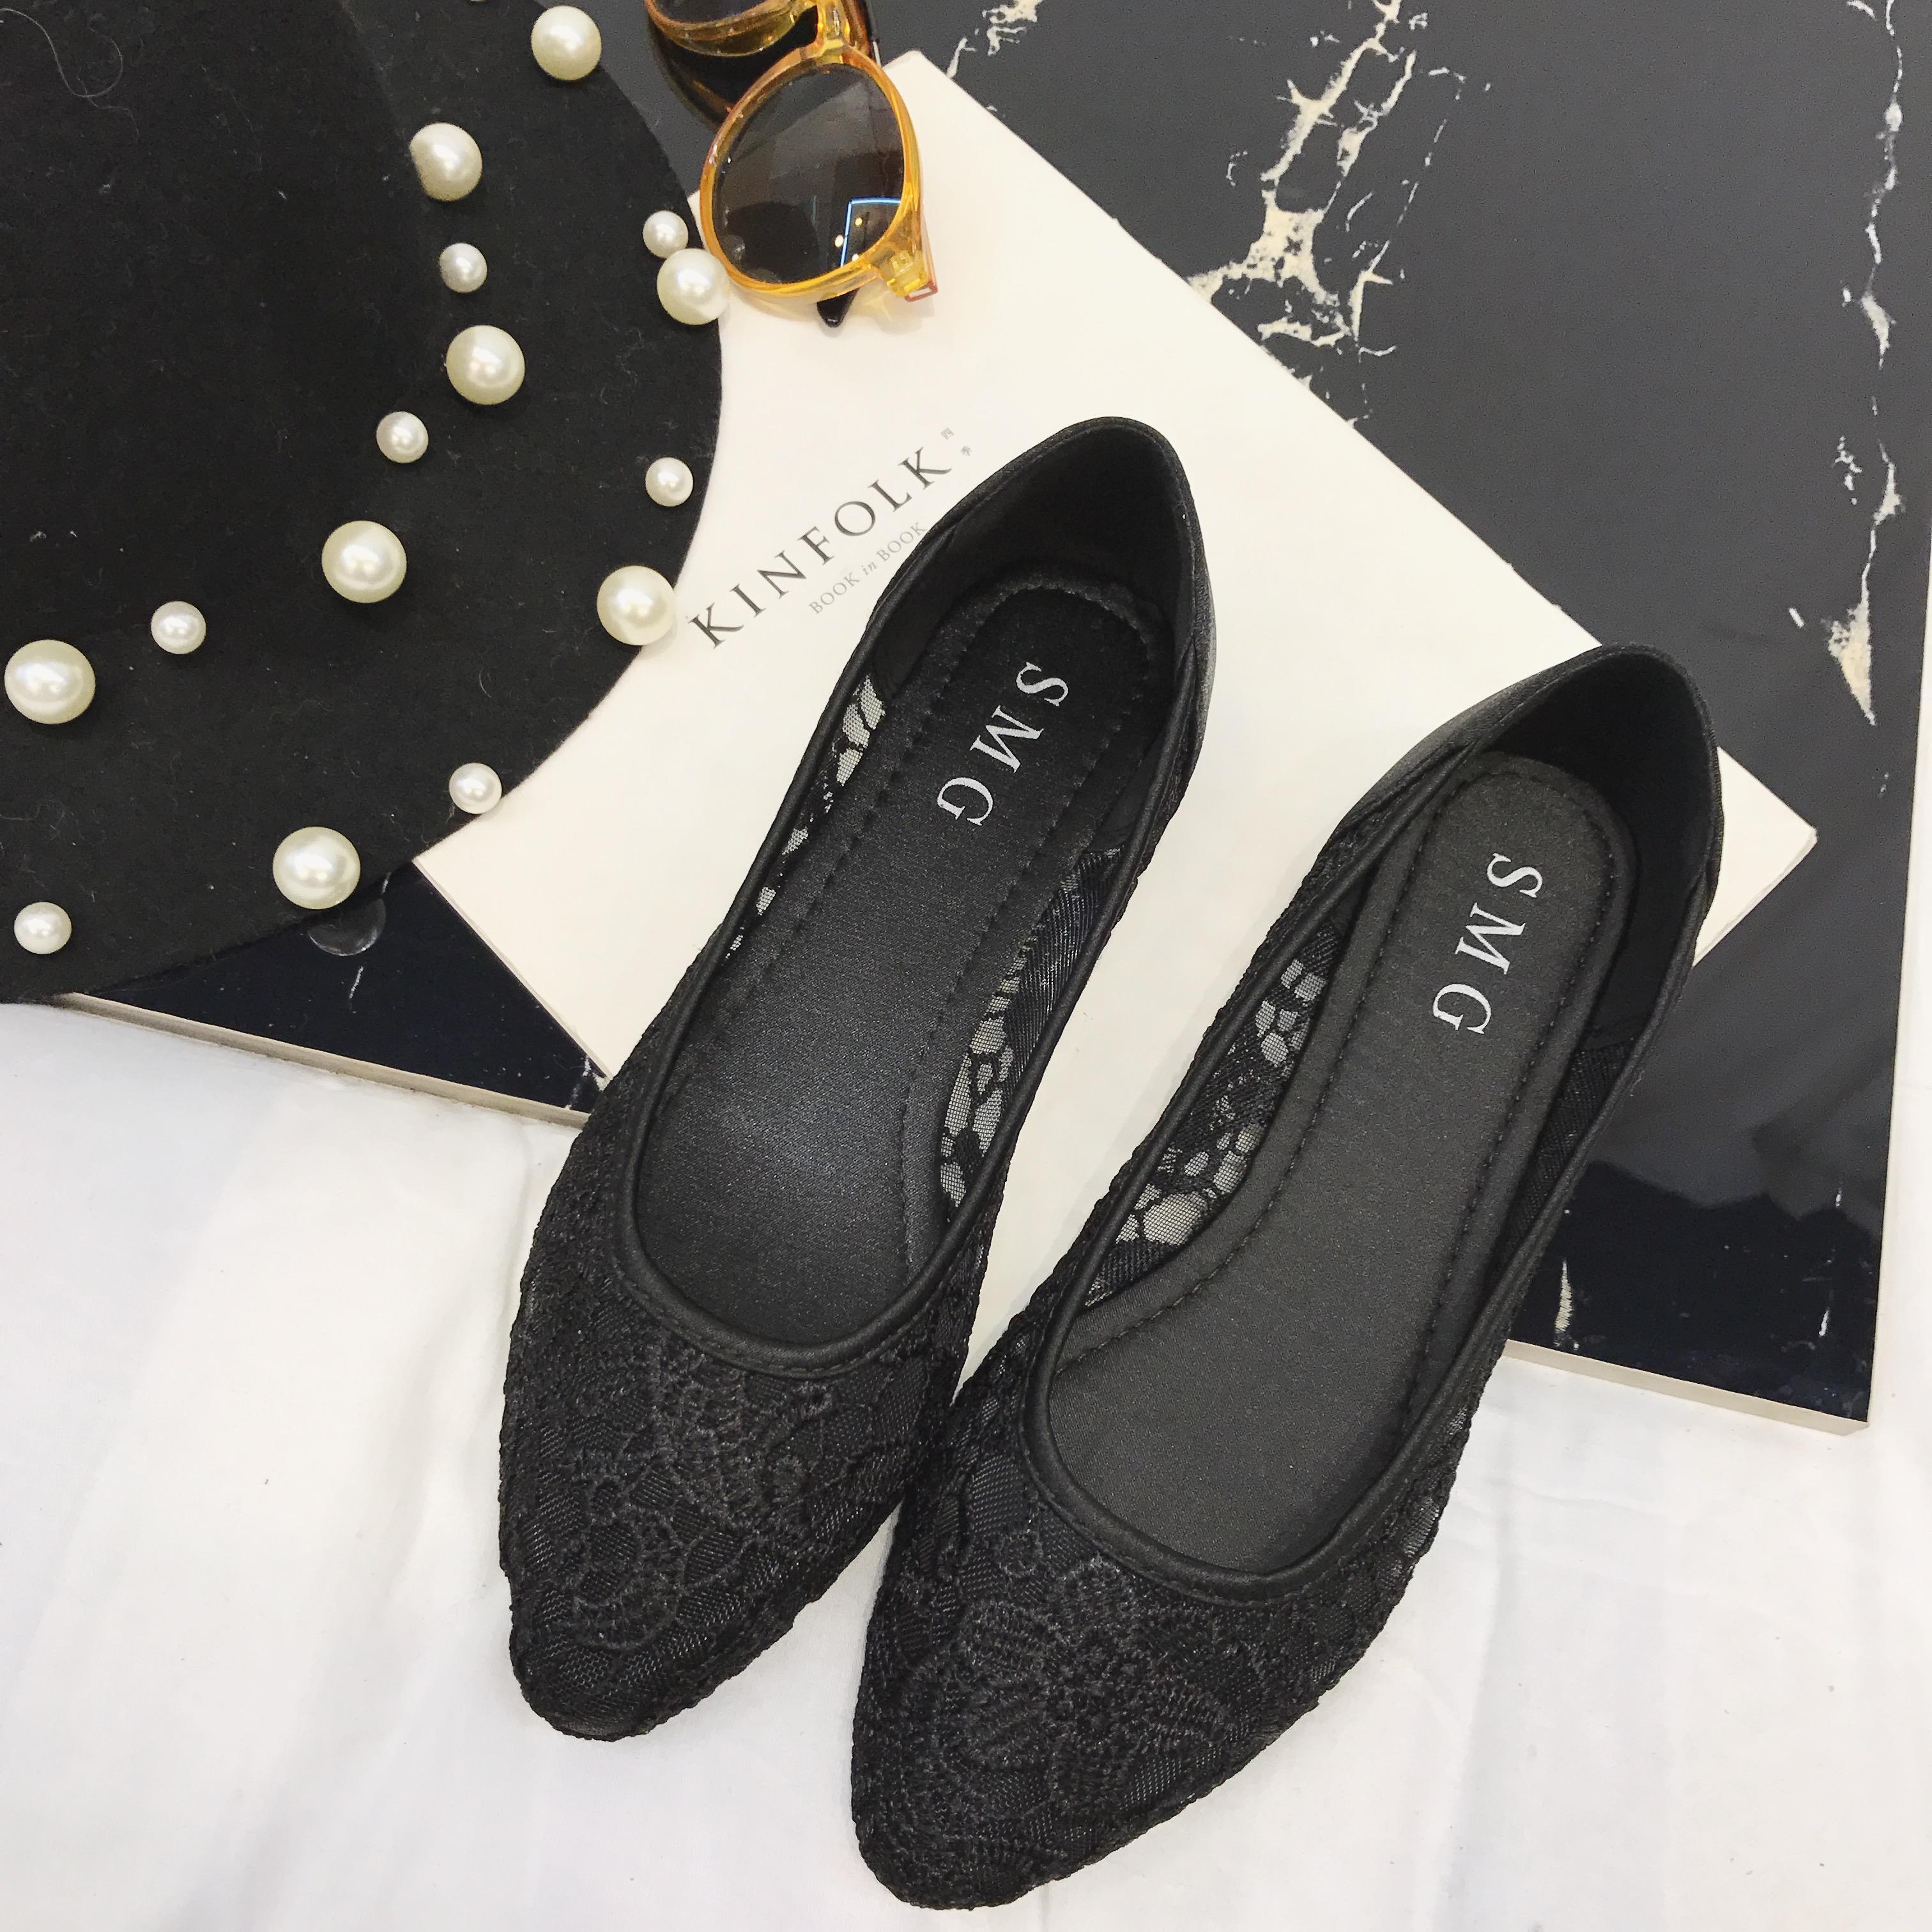 包邮欧美夏新款黑色平底瓢鞋黑色船鞋大码单鞋蕾丝镂空女鞋网纱鞋